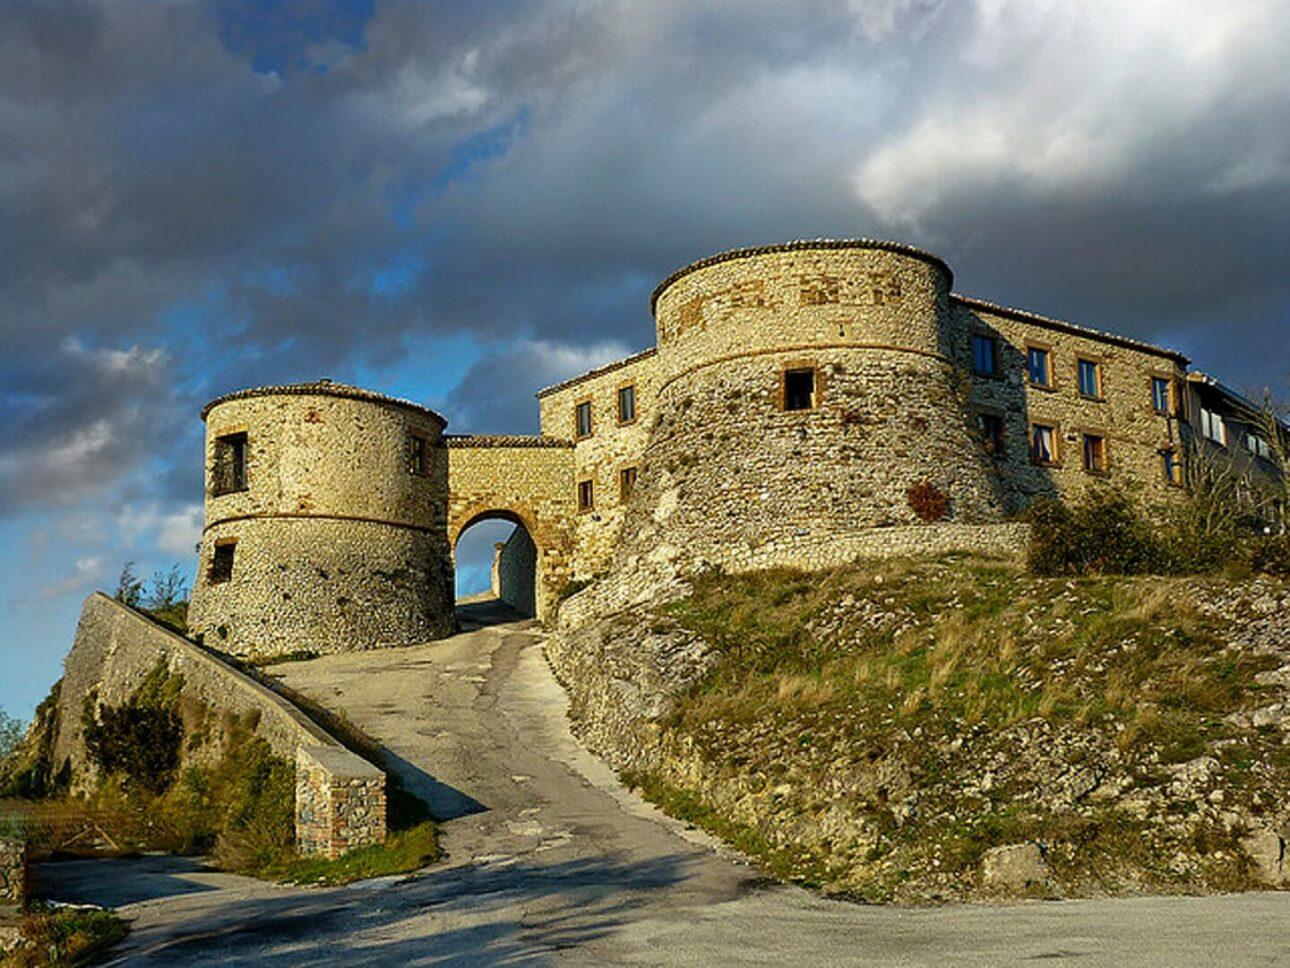 saiano torriana castello montebello